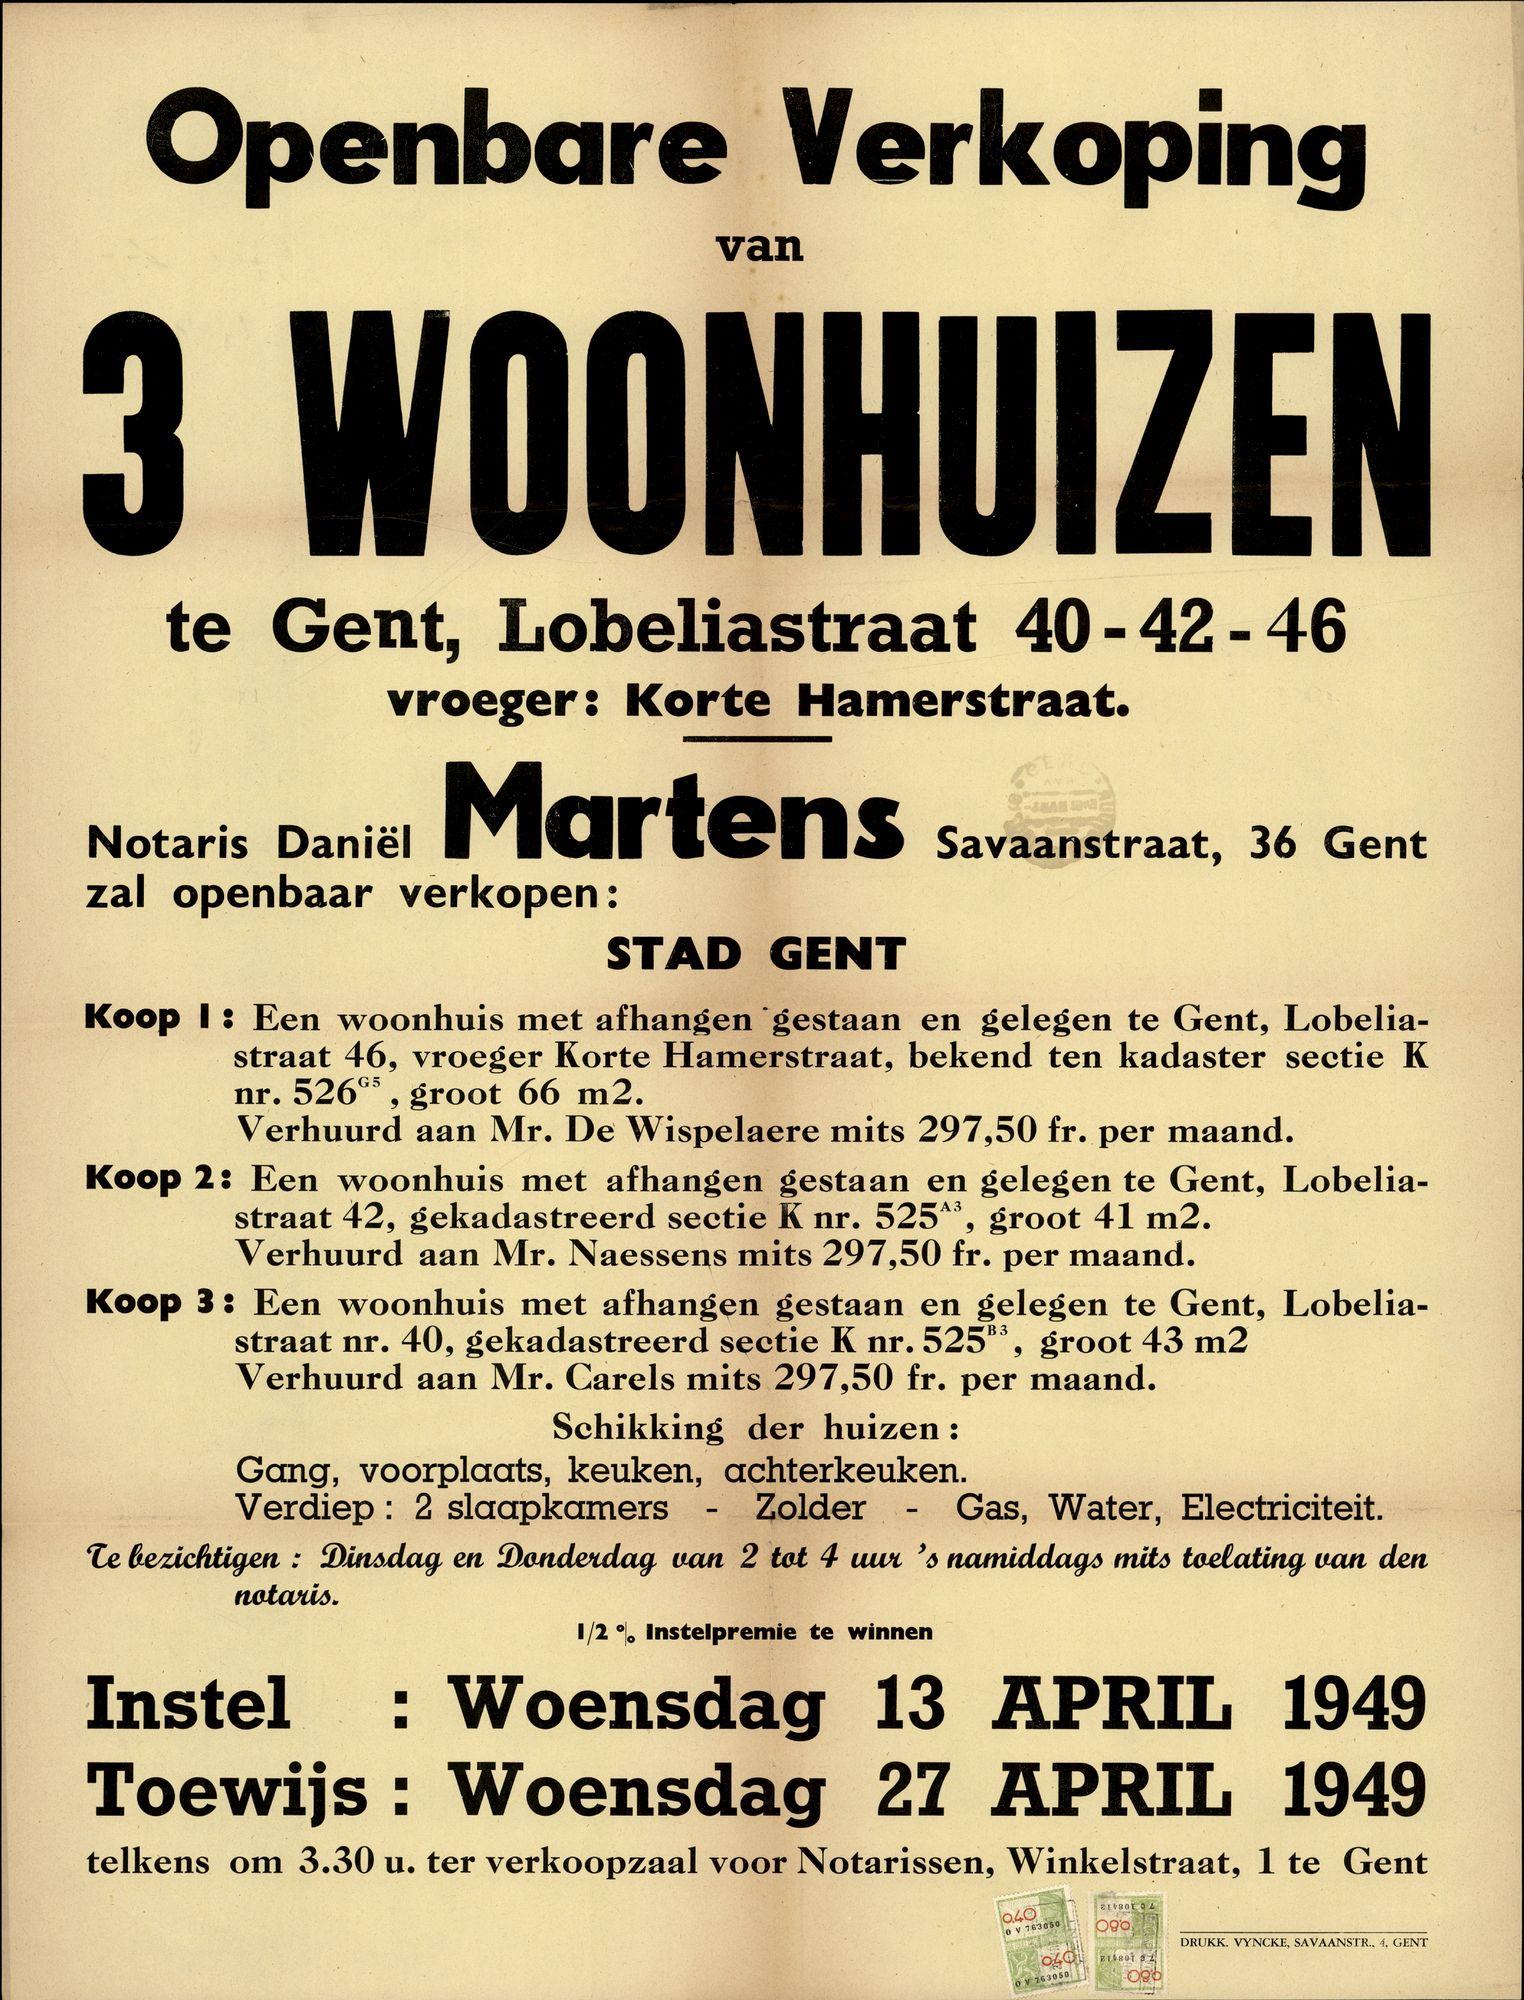 Openbare verkoop van 3 woonhuizen te Gent, Lobeliastraat, nrs.40-42-46, Gent, 27 april 1949